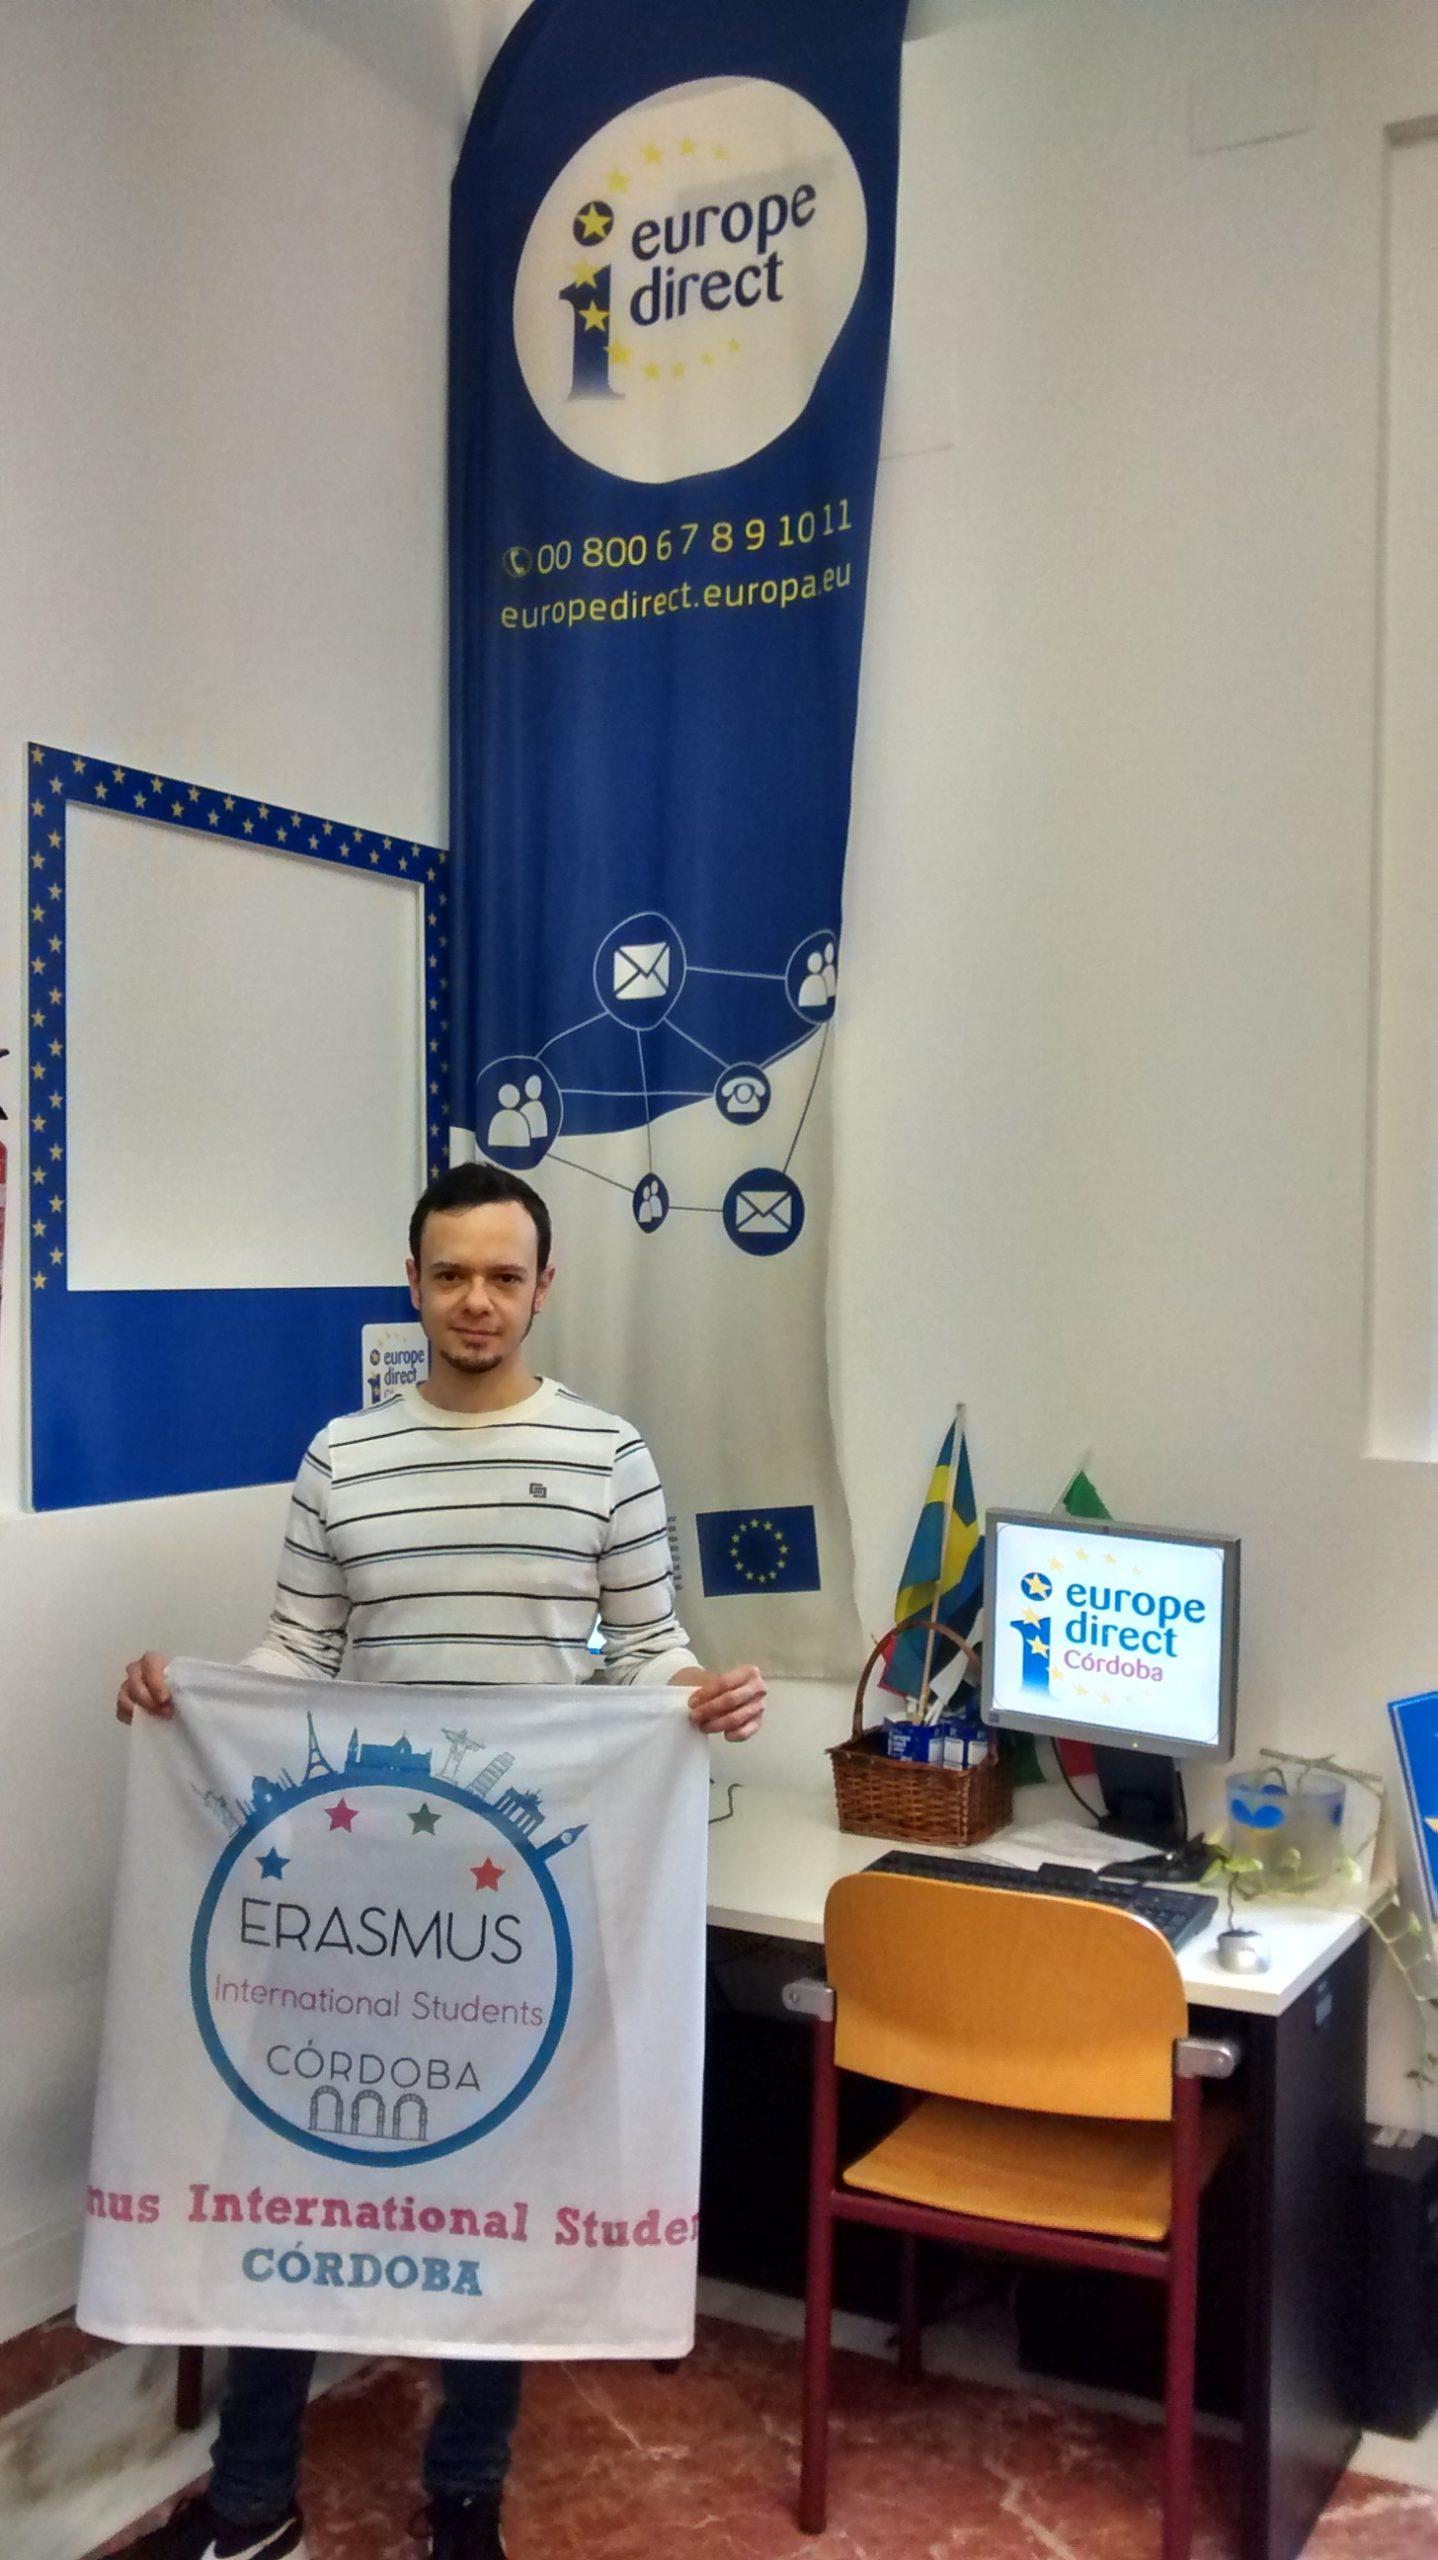 Reunión con la Asociación Erasmus International Students Córdoba, 19 enero de 2016.